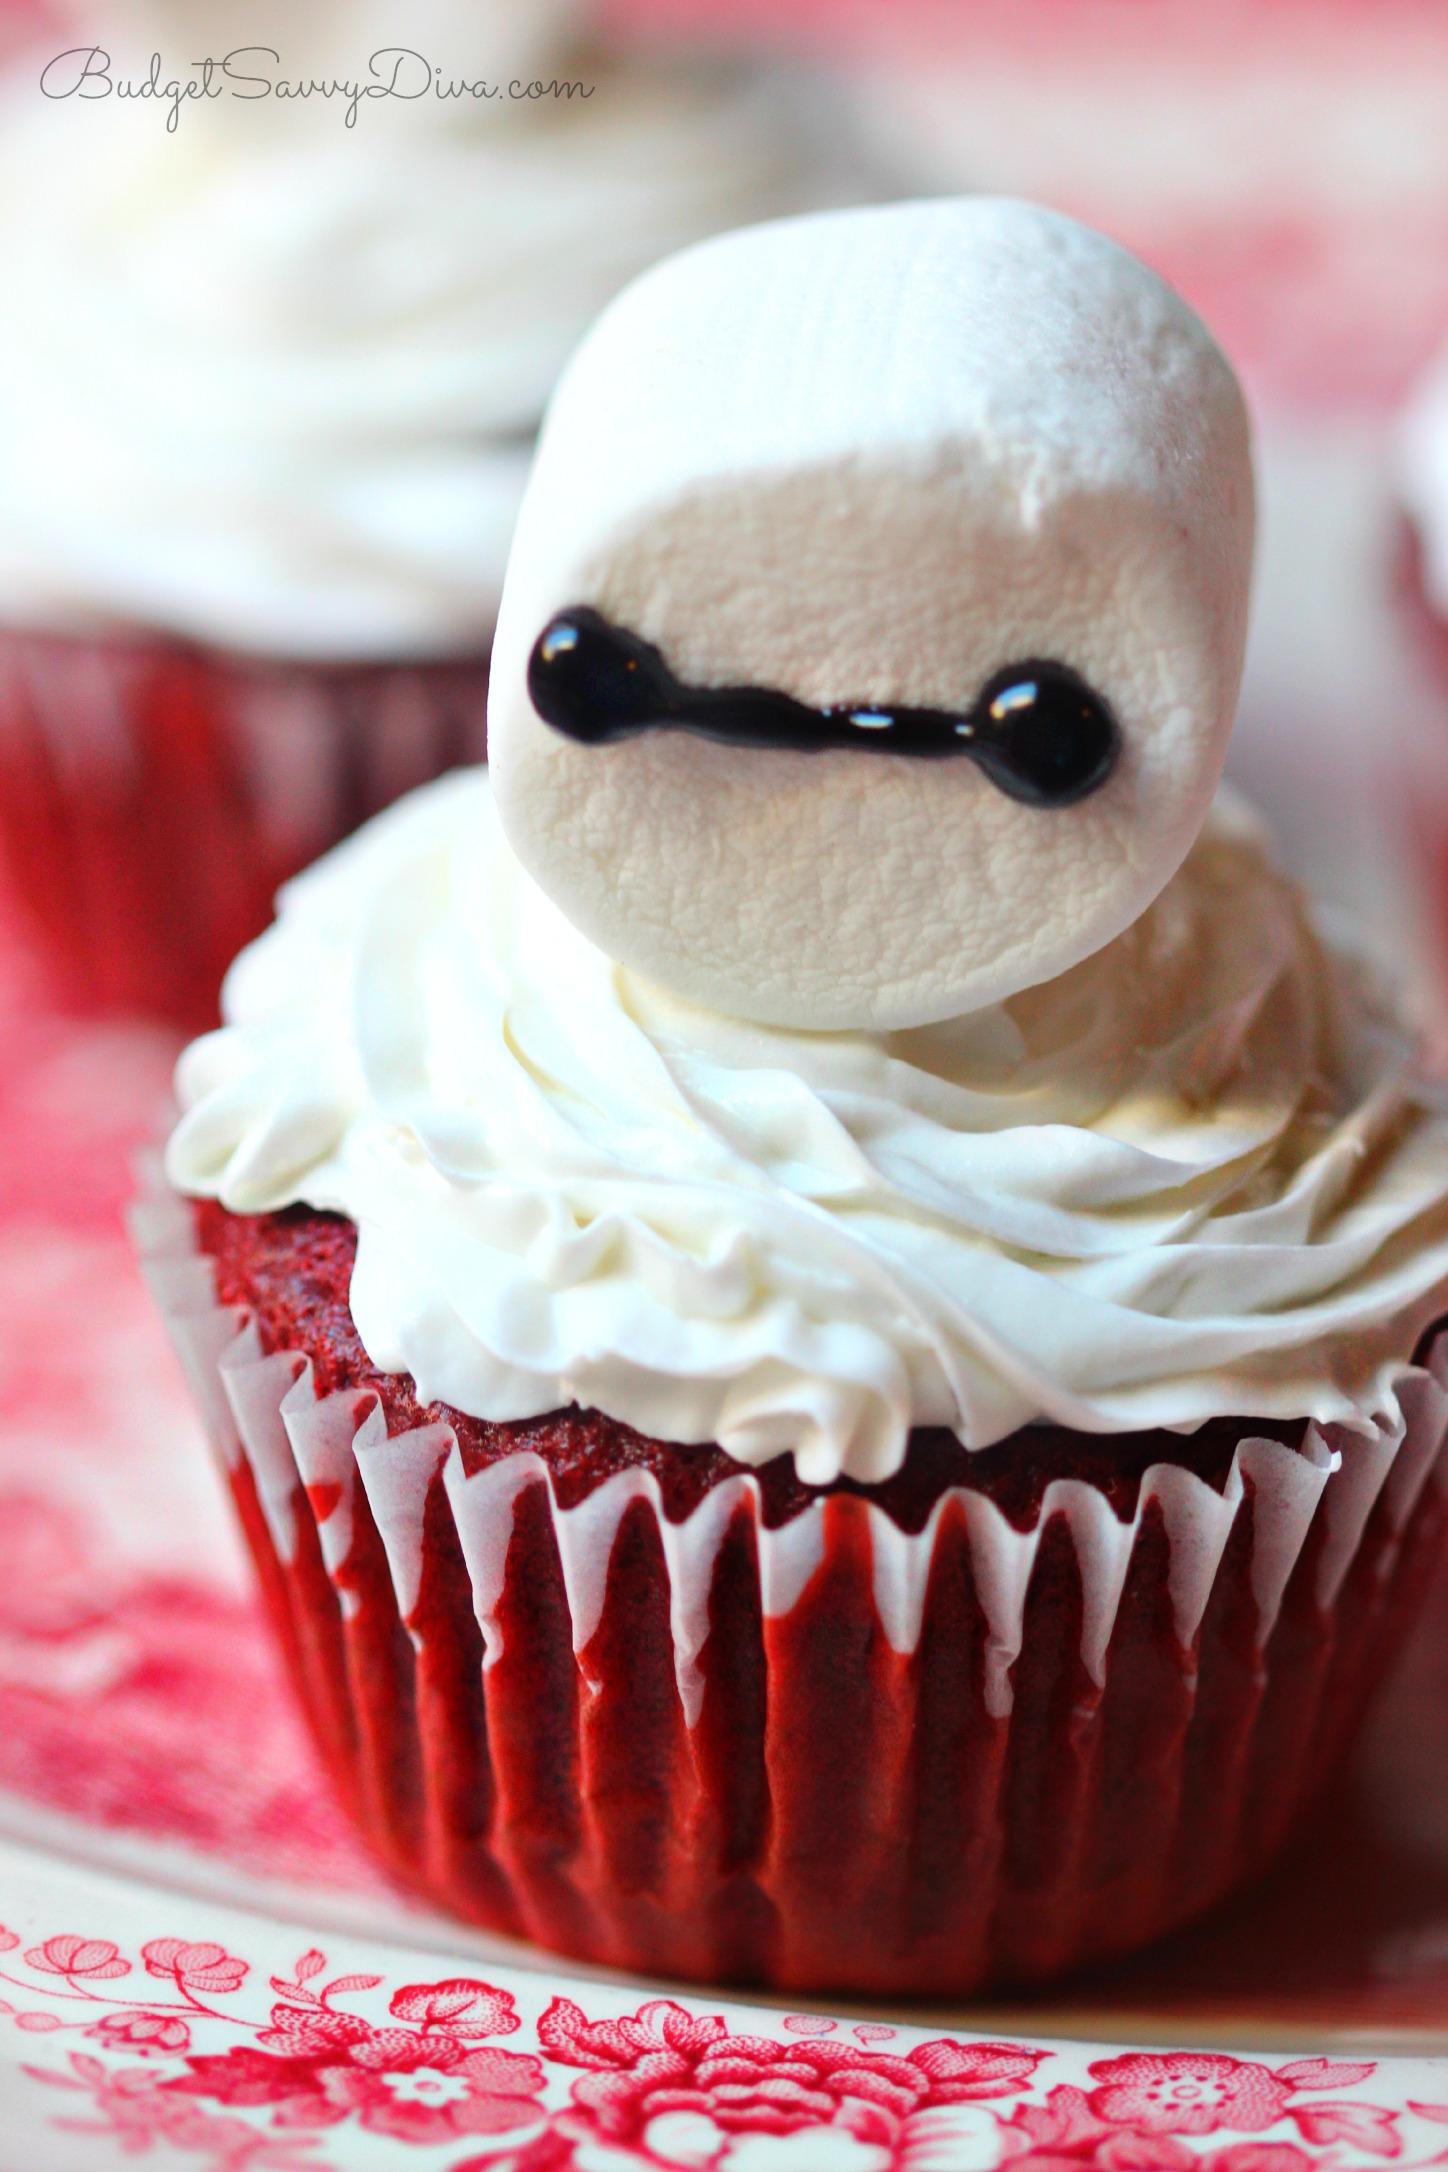 how to make a big cupcake